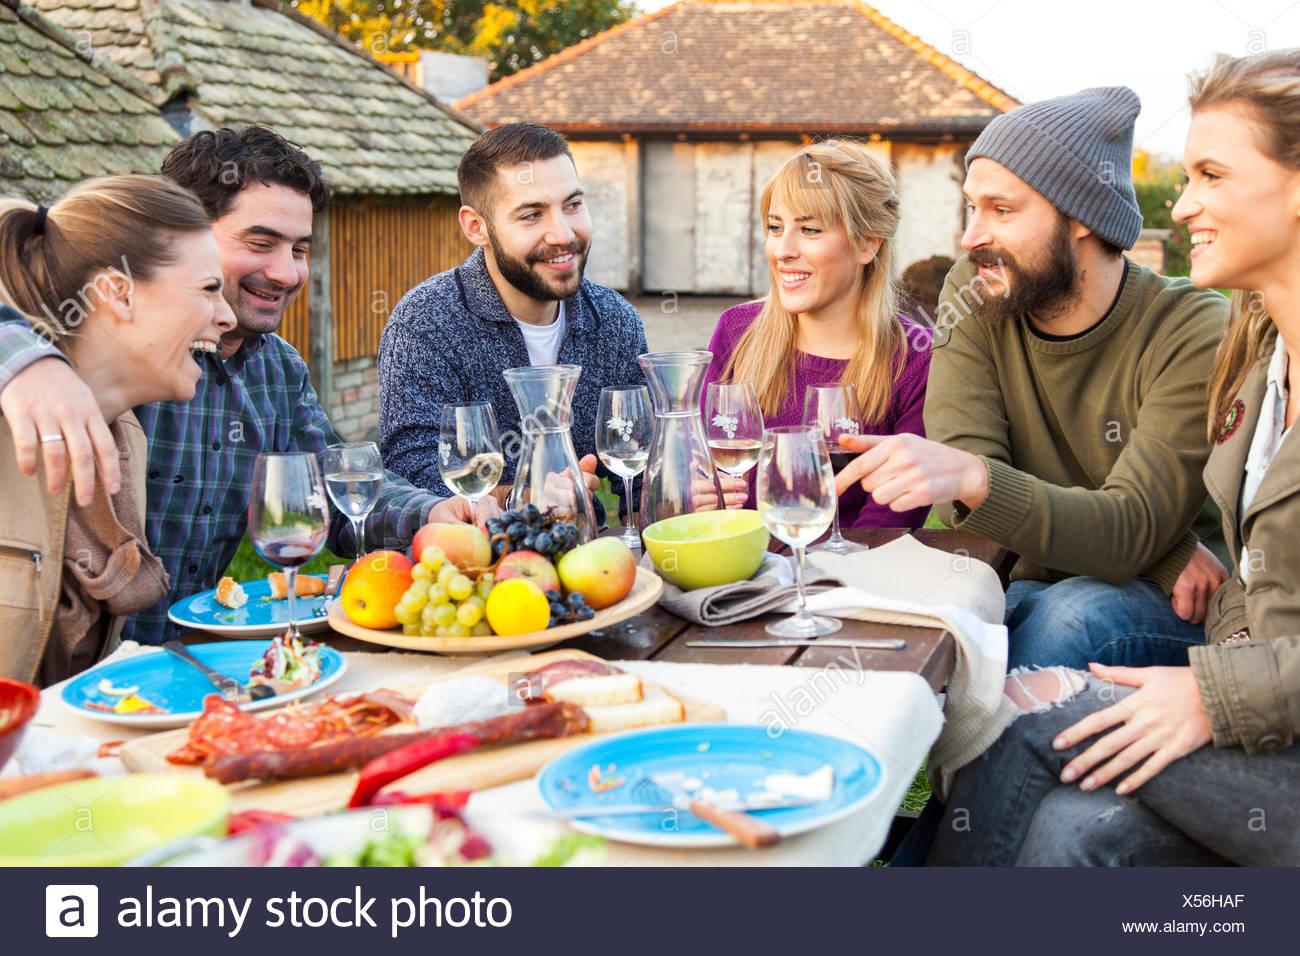 Groupe d'amis boire du vin sur garden party Photo Stock